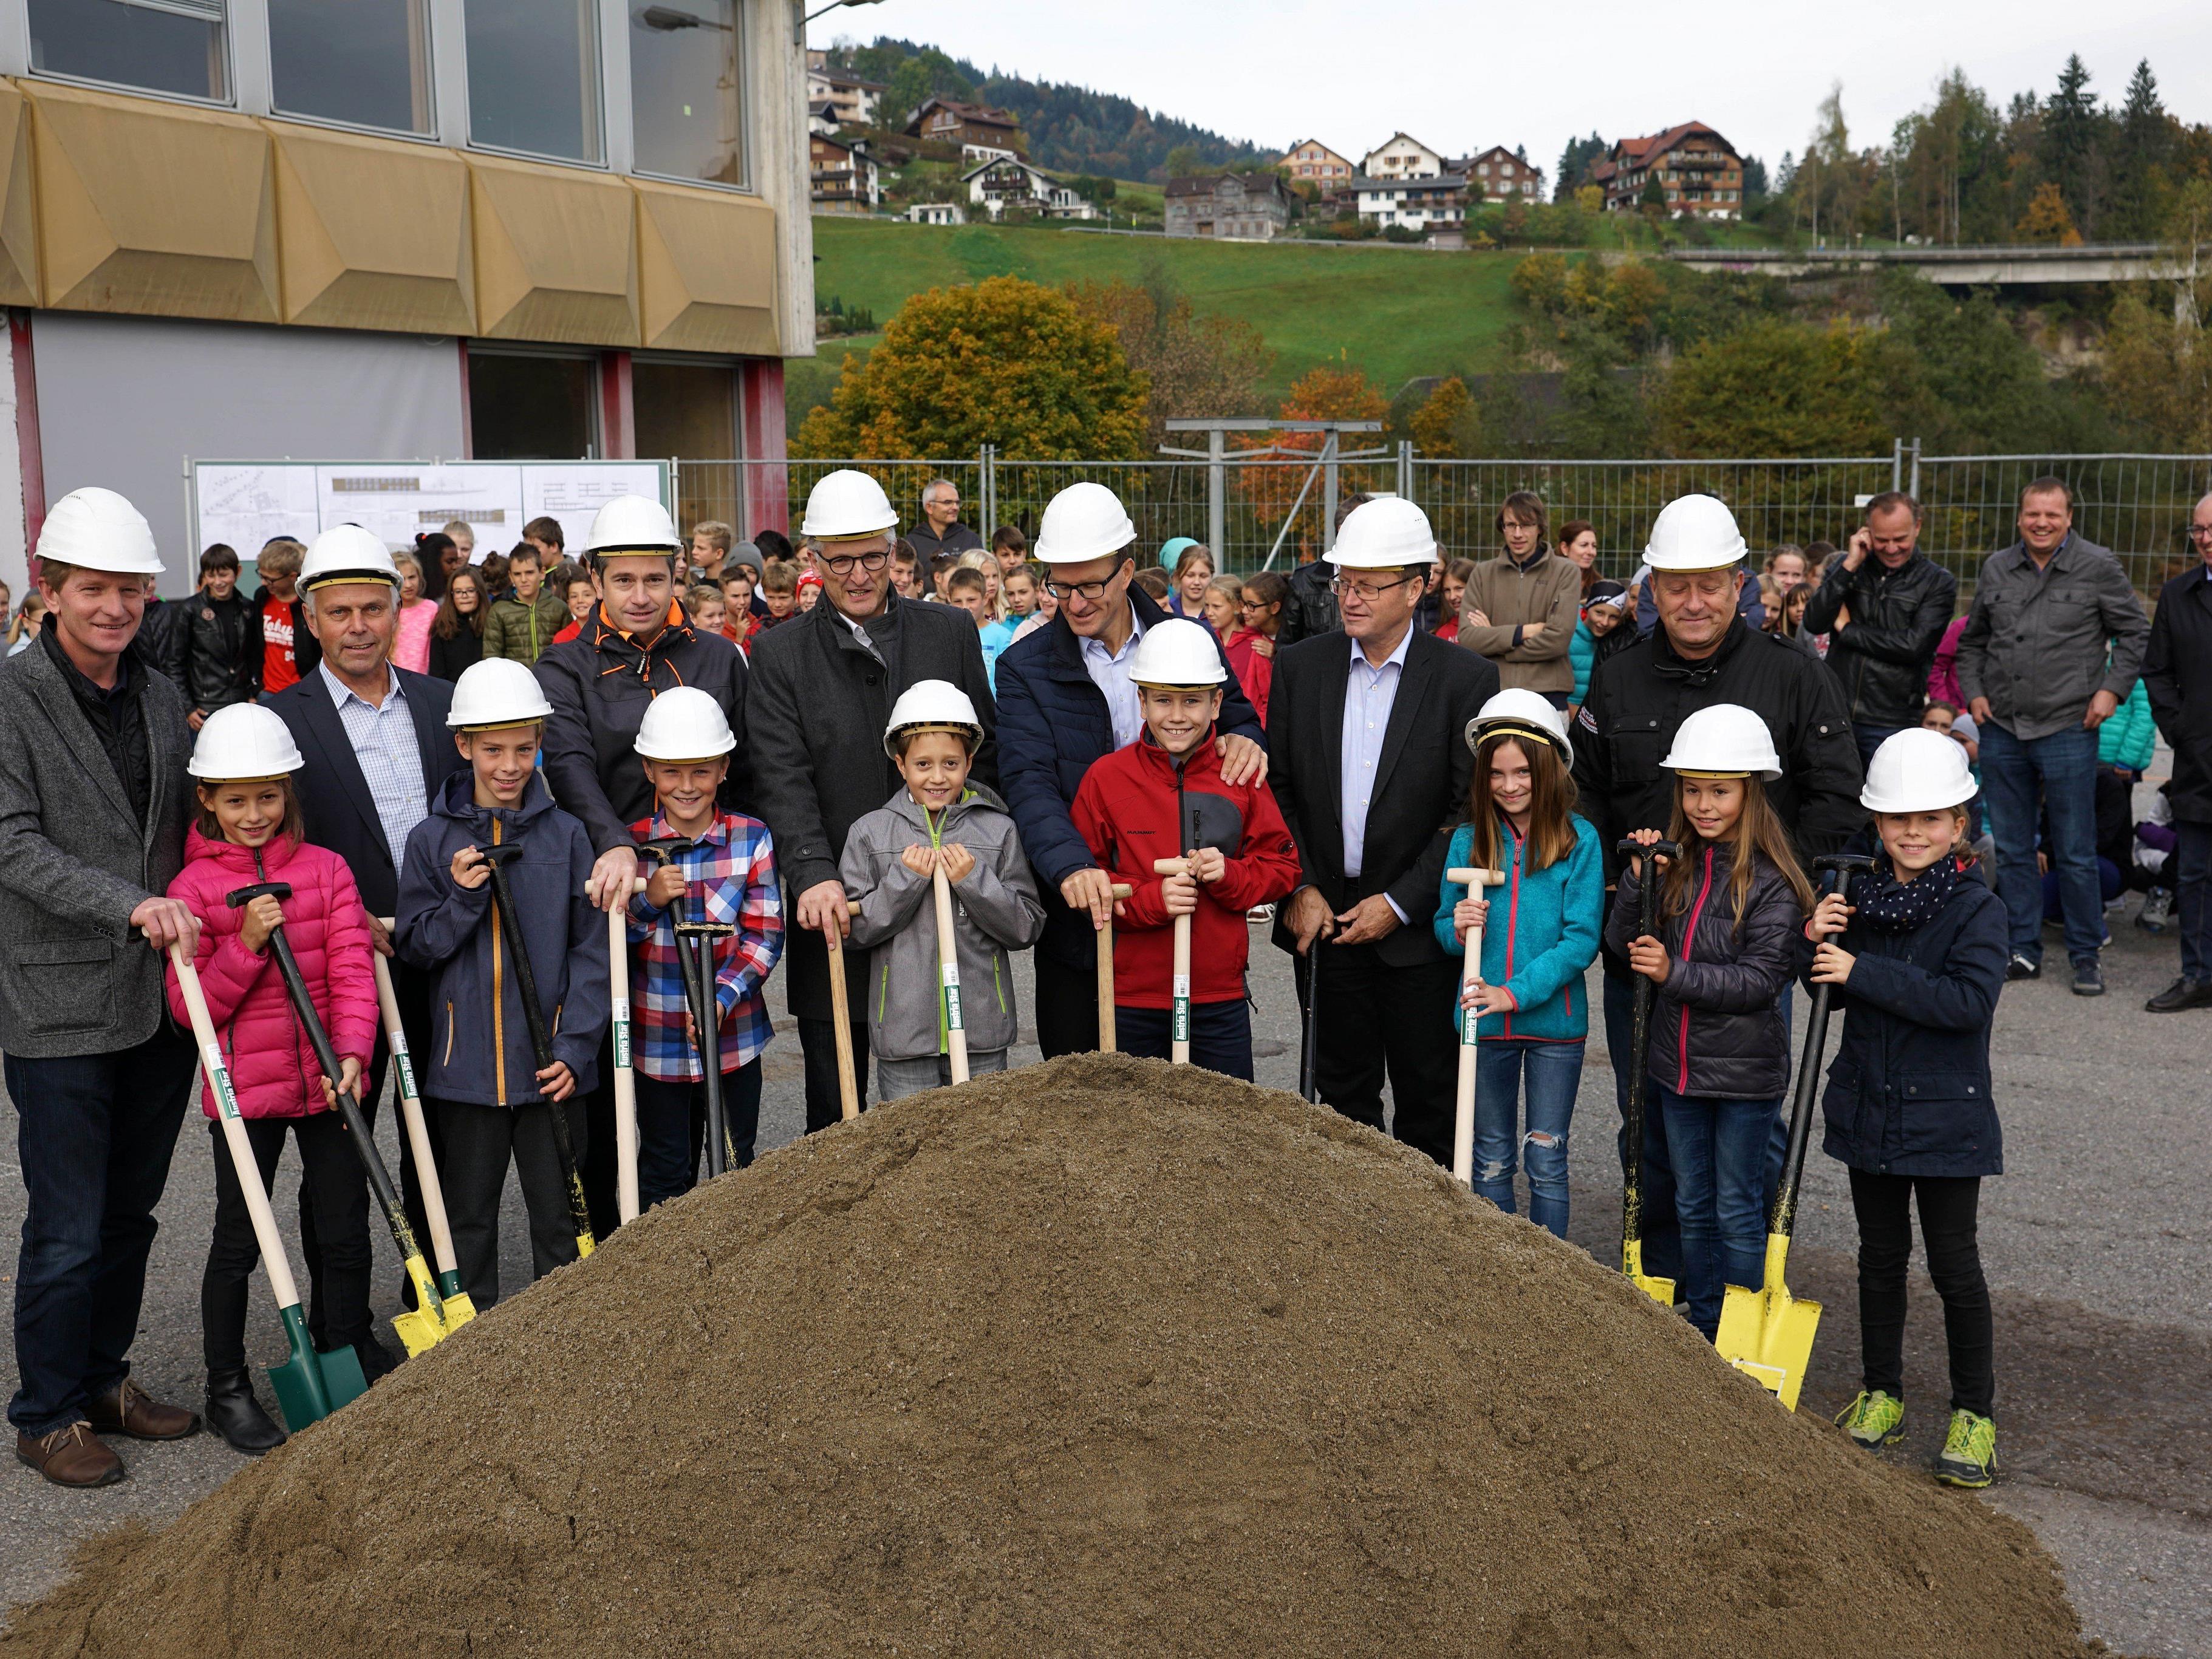 Die Schüler haben gemeinsam mit den Gemeindeverantwortlichen die Spaten gesetzt und freuen sich auf die neue Mittelschule.